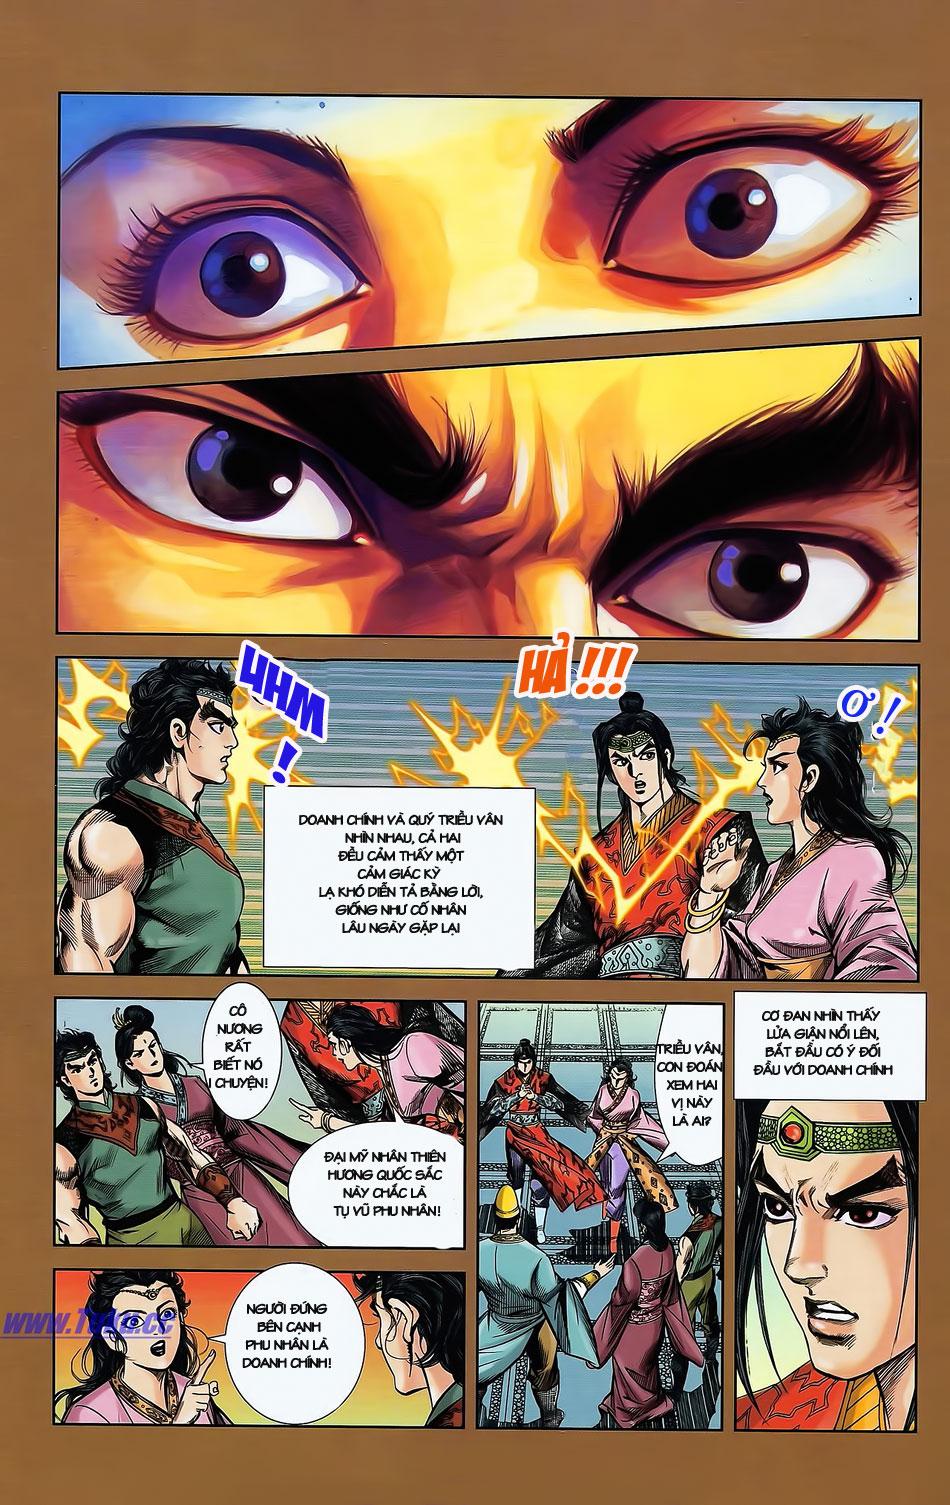 Tần Vương Doanh Chính chapter 2 trang 9